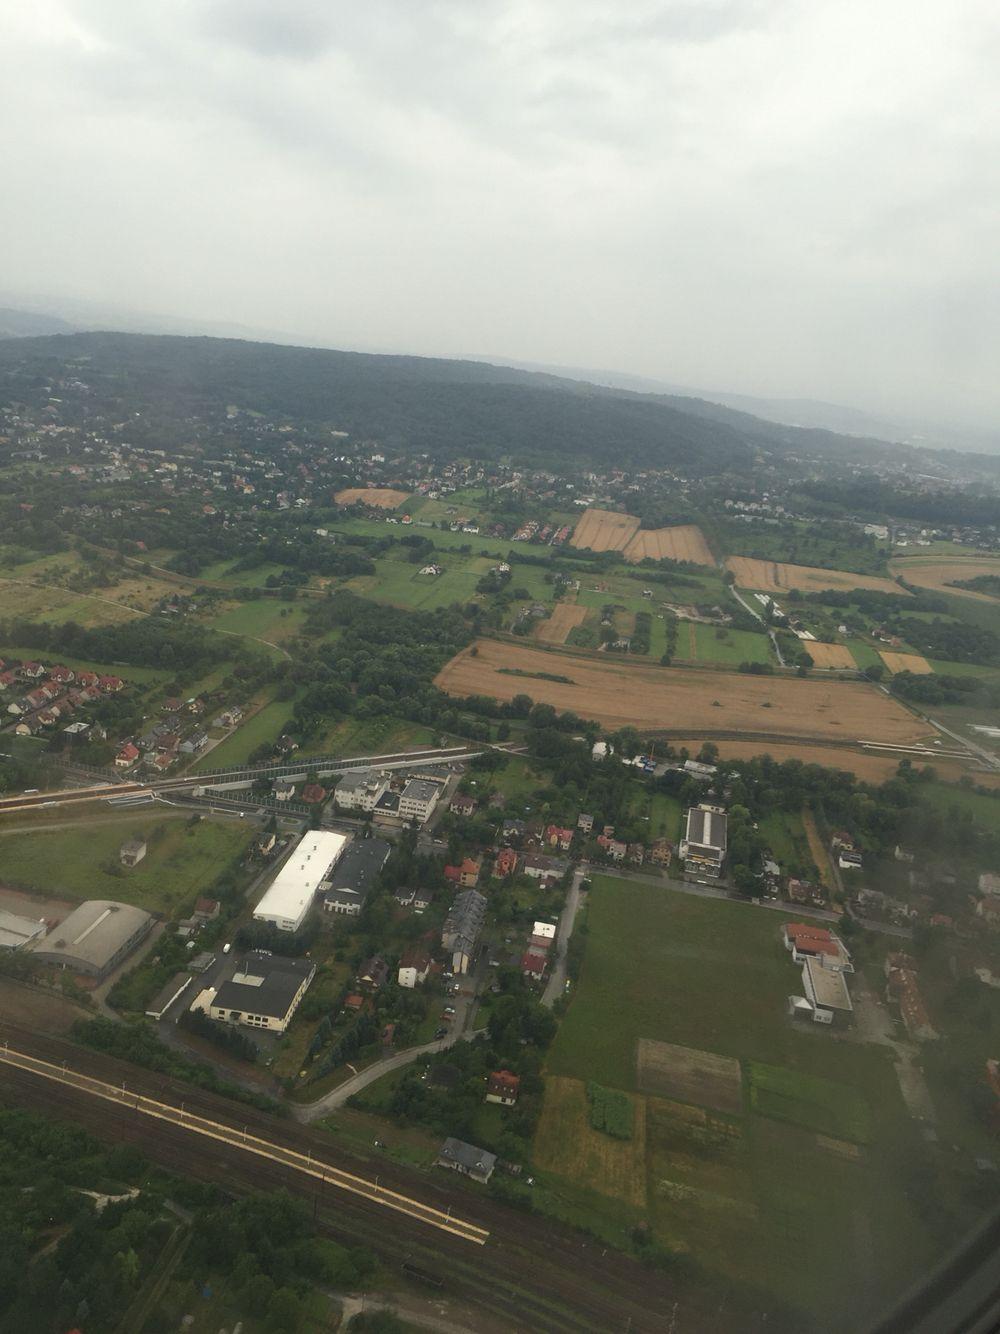 Birdseye view of Krakow, Poland